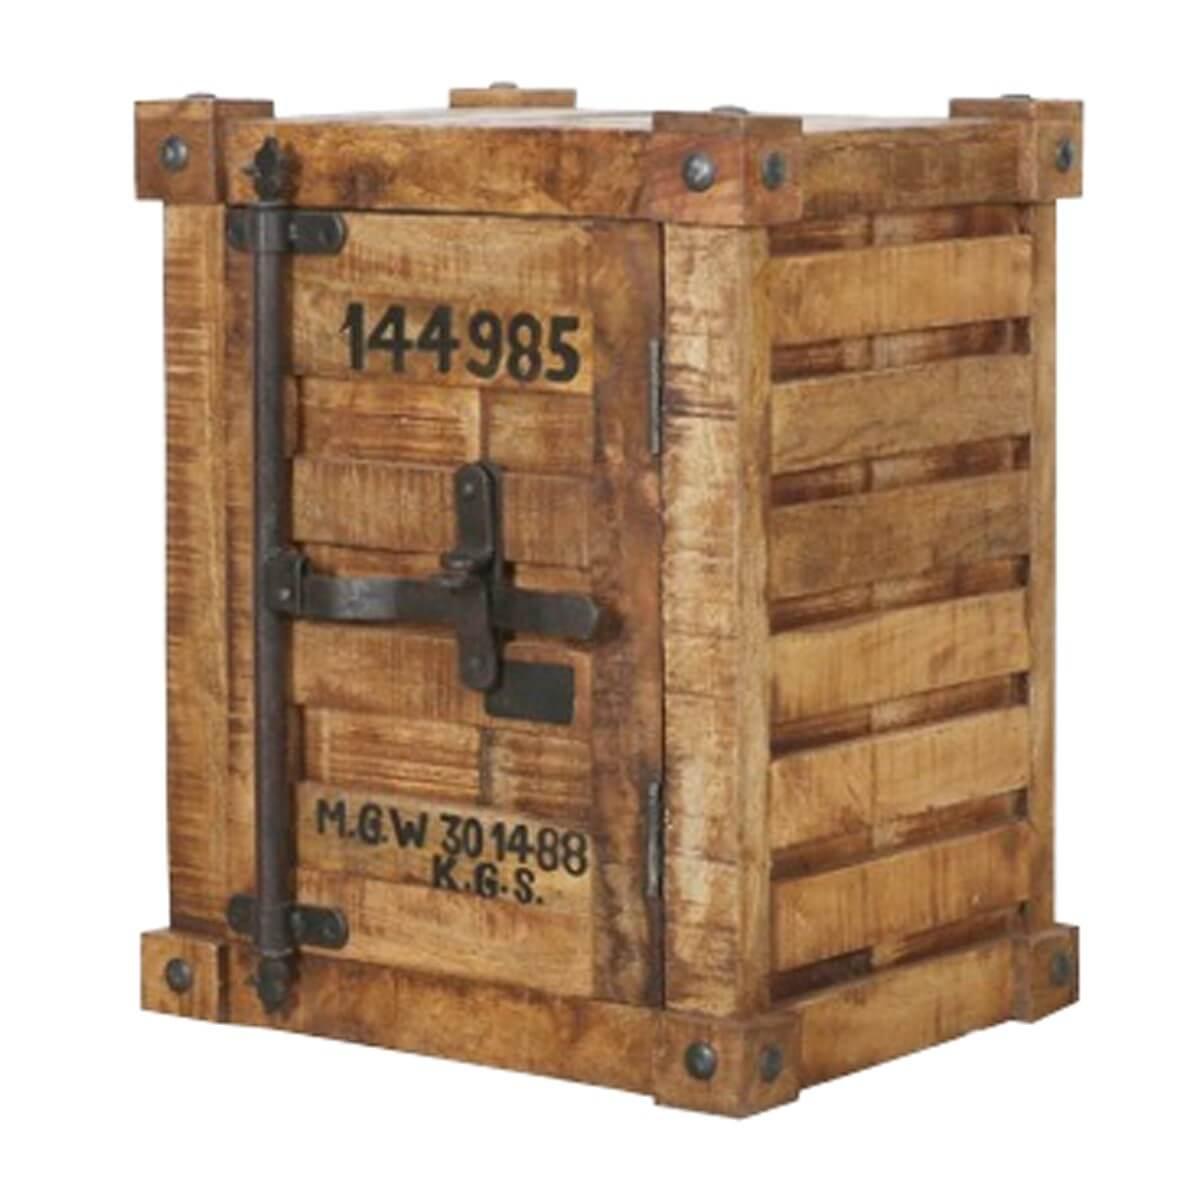 kommode sideboard anrichte mit t r massivholz mangoholz massiv natur neu ebay. Black Bedroom Furniture Sets. Home Design Ideas